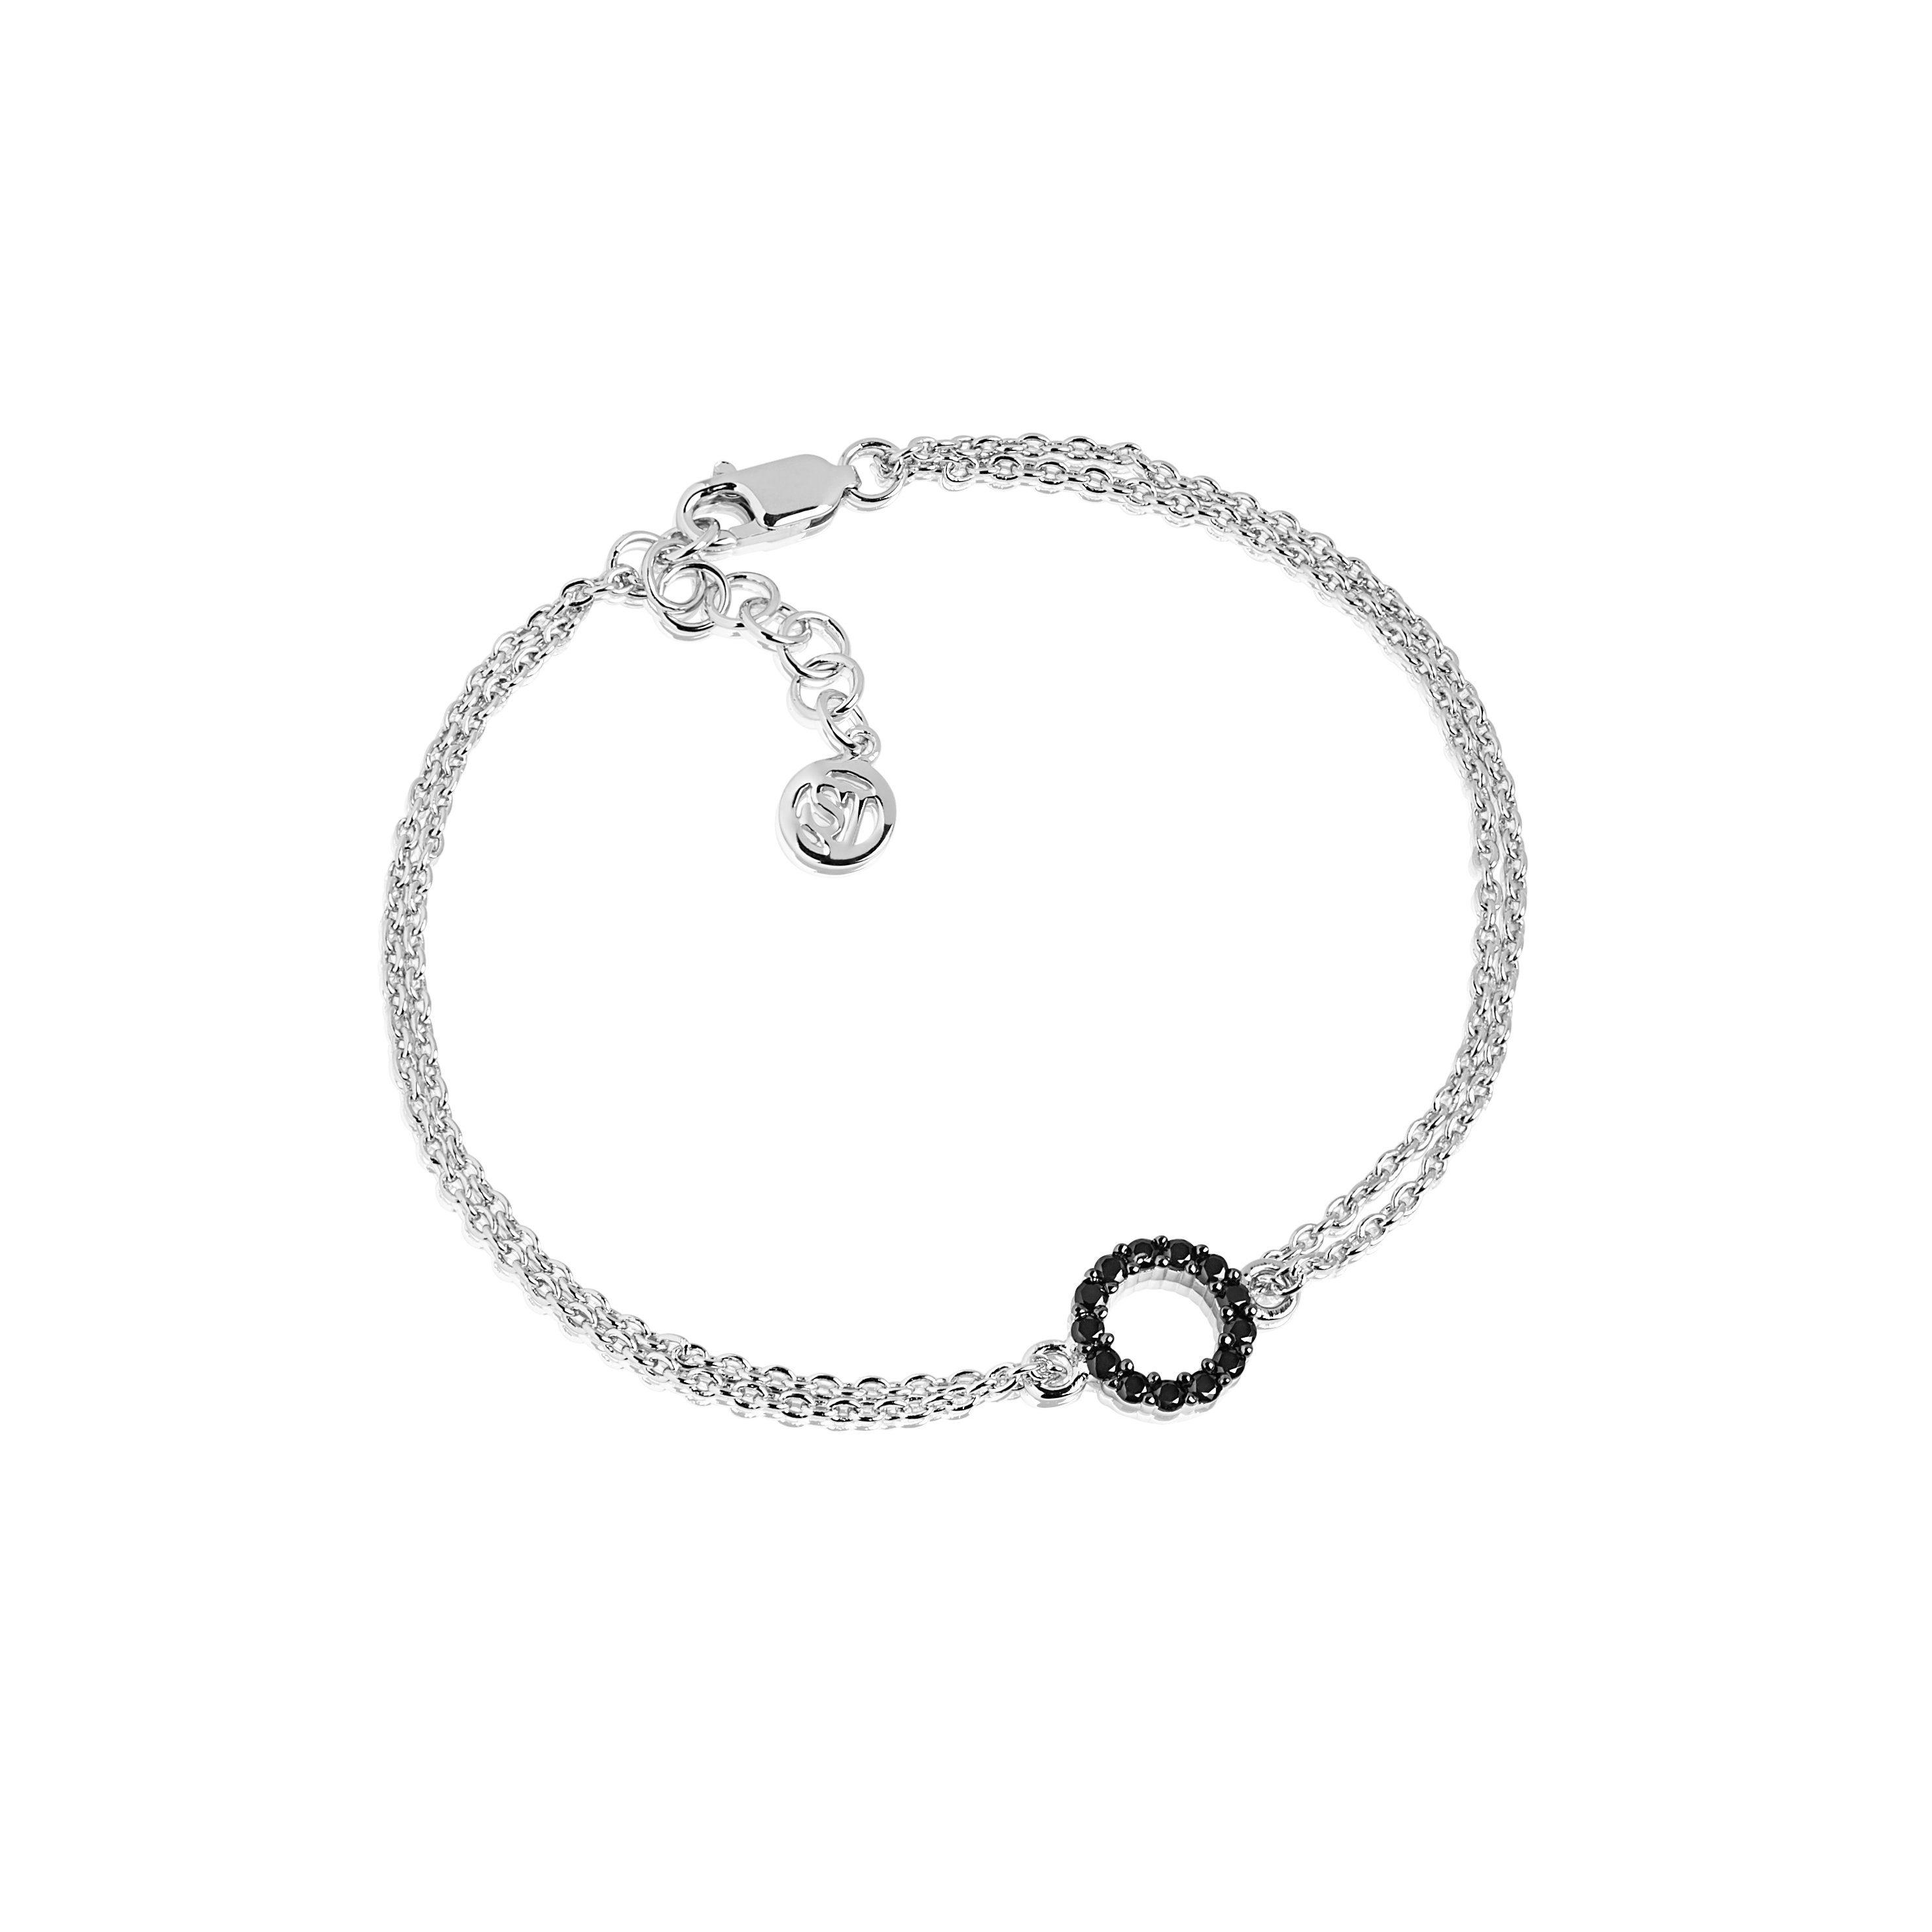 Sif Jakobs Jewellery Armband mit kontrastfarbenem Anhänger »BIELLA PICCOLO«